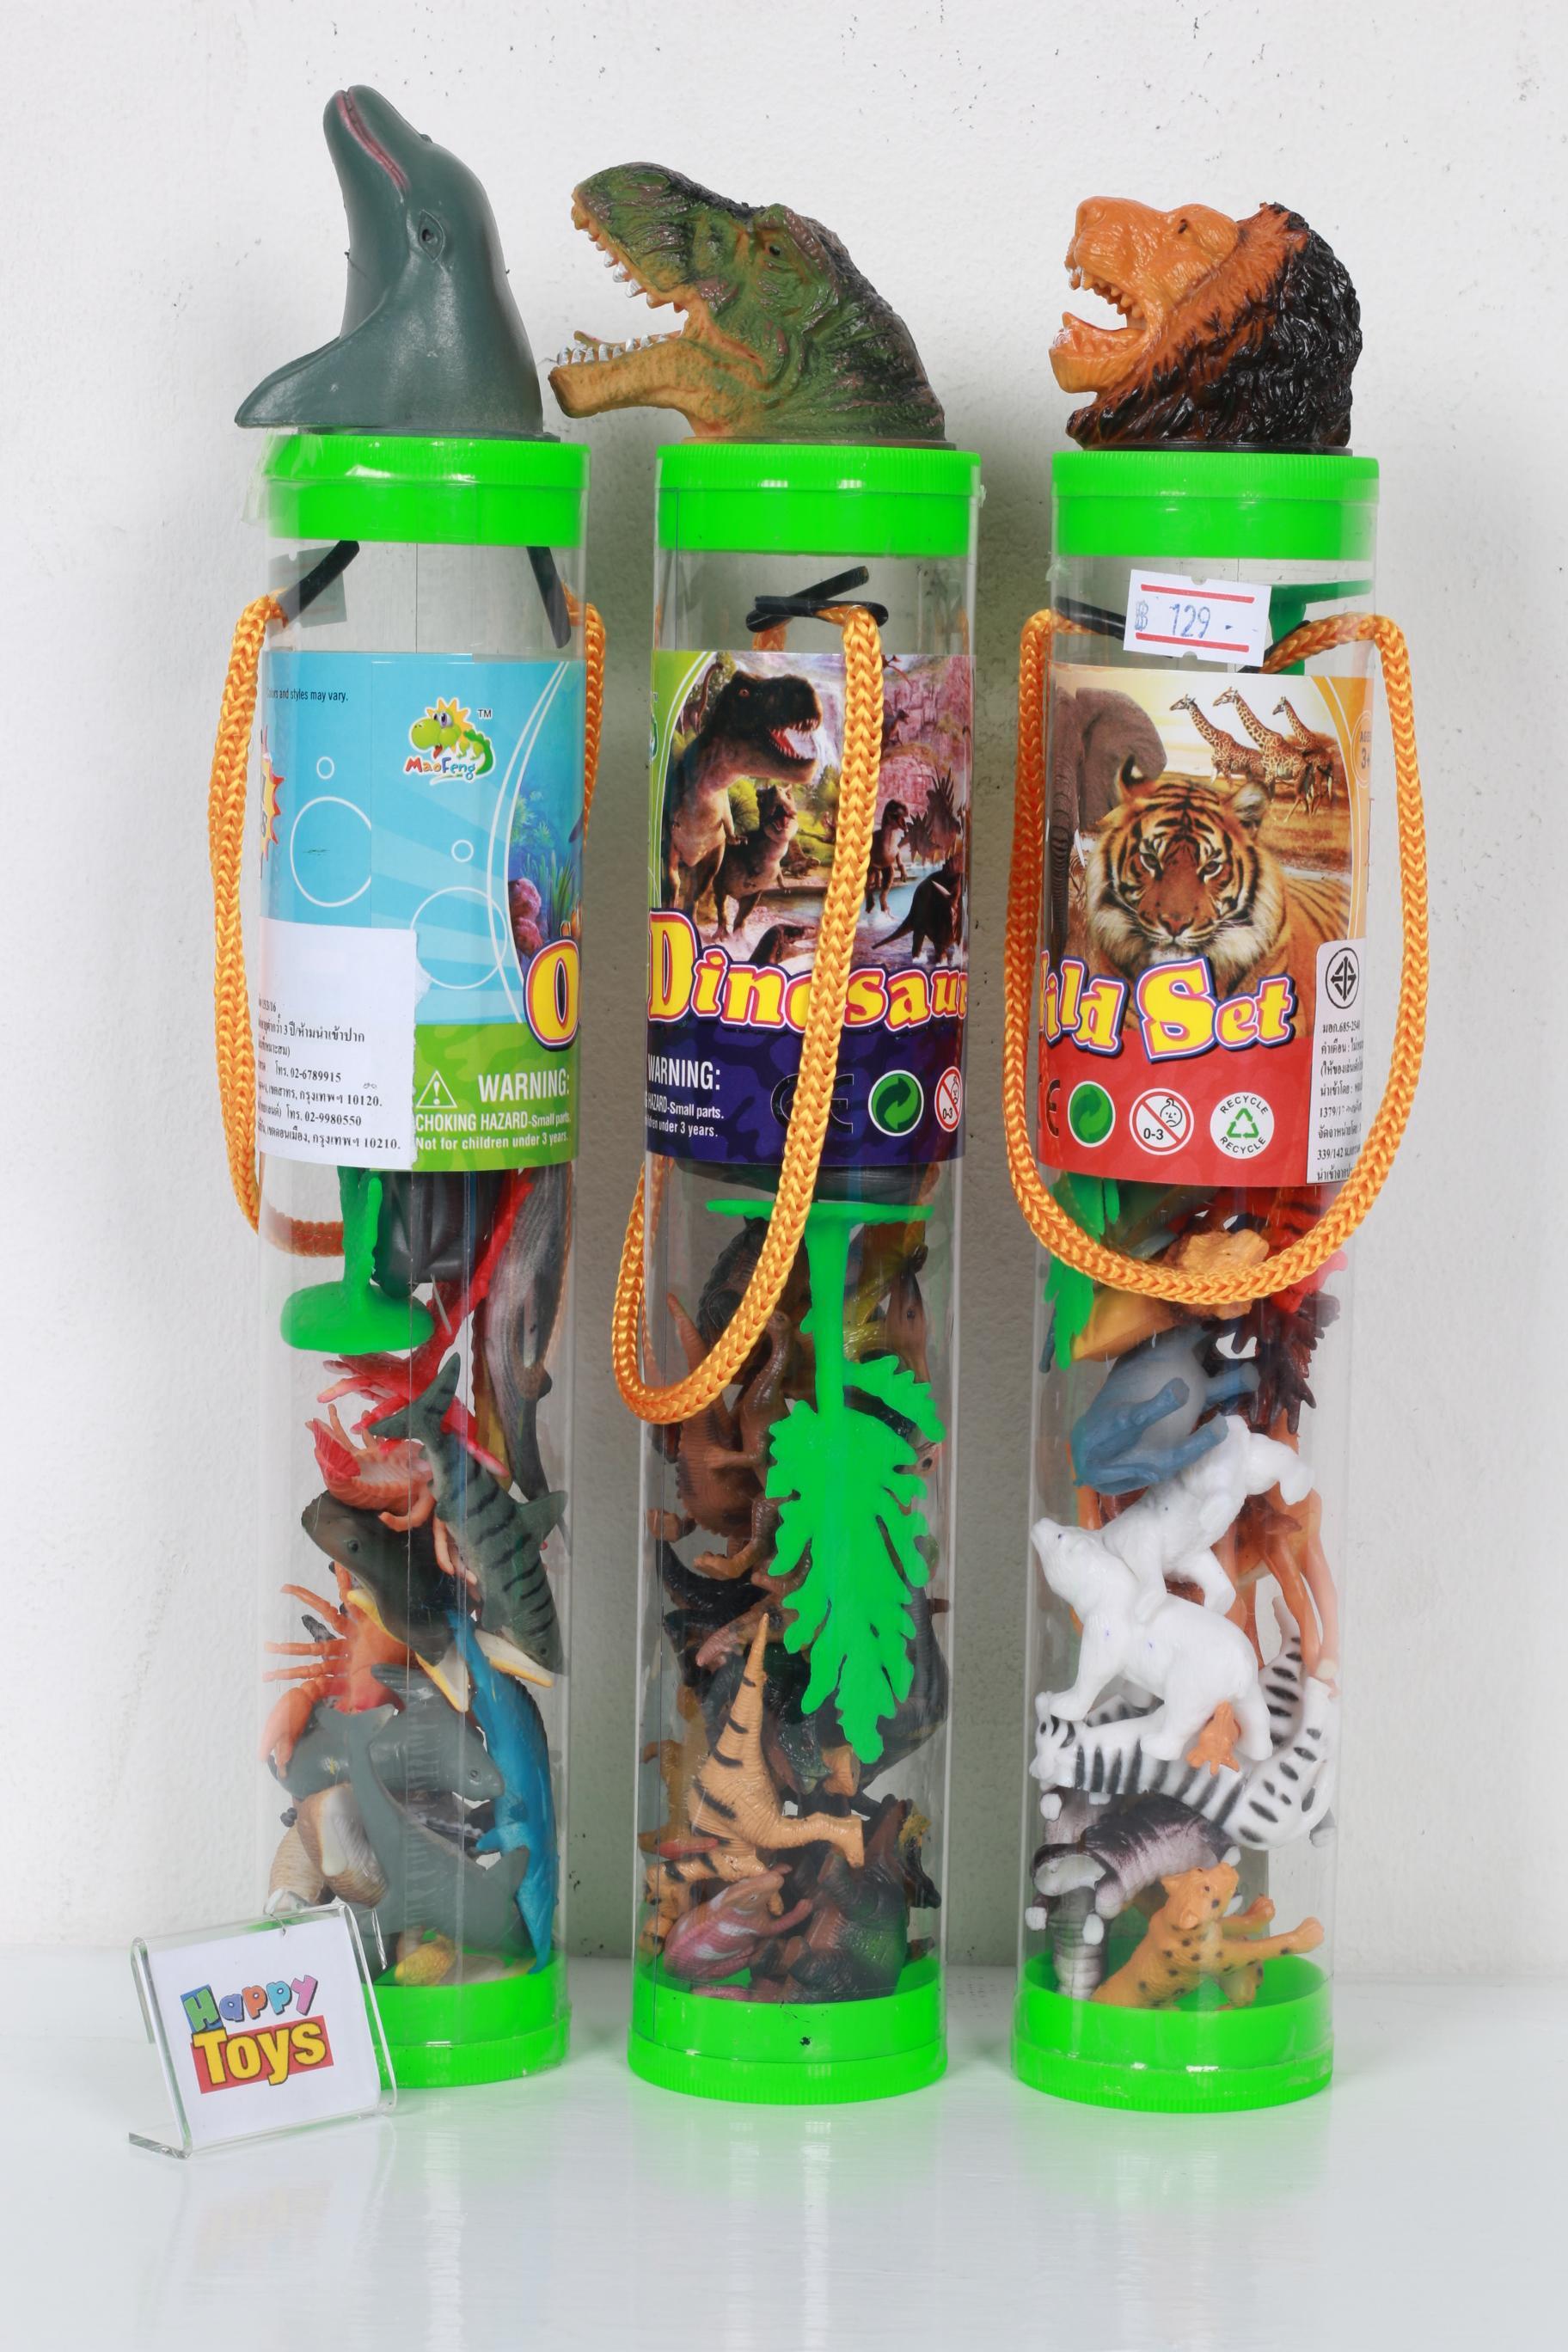 โมเดลสัตว์ โมเดลไดโนเสาร์ตุ๊กตาสัตว์ชุด 24 ตัว สำหรับเด็ก สำเนา